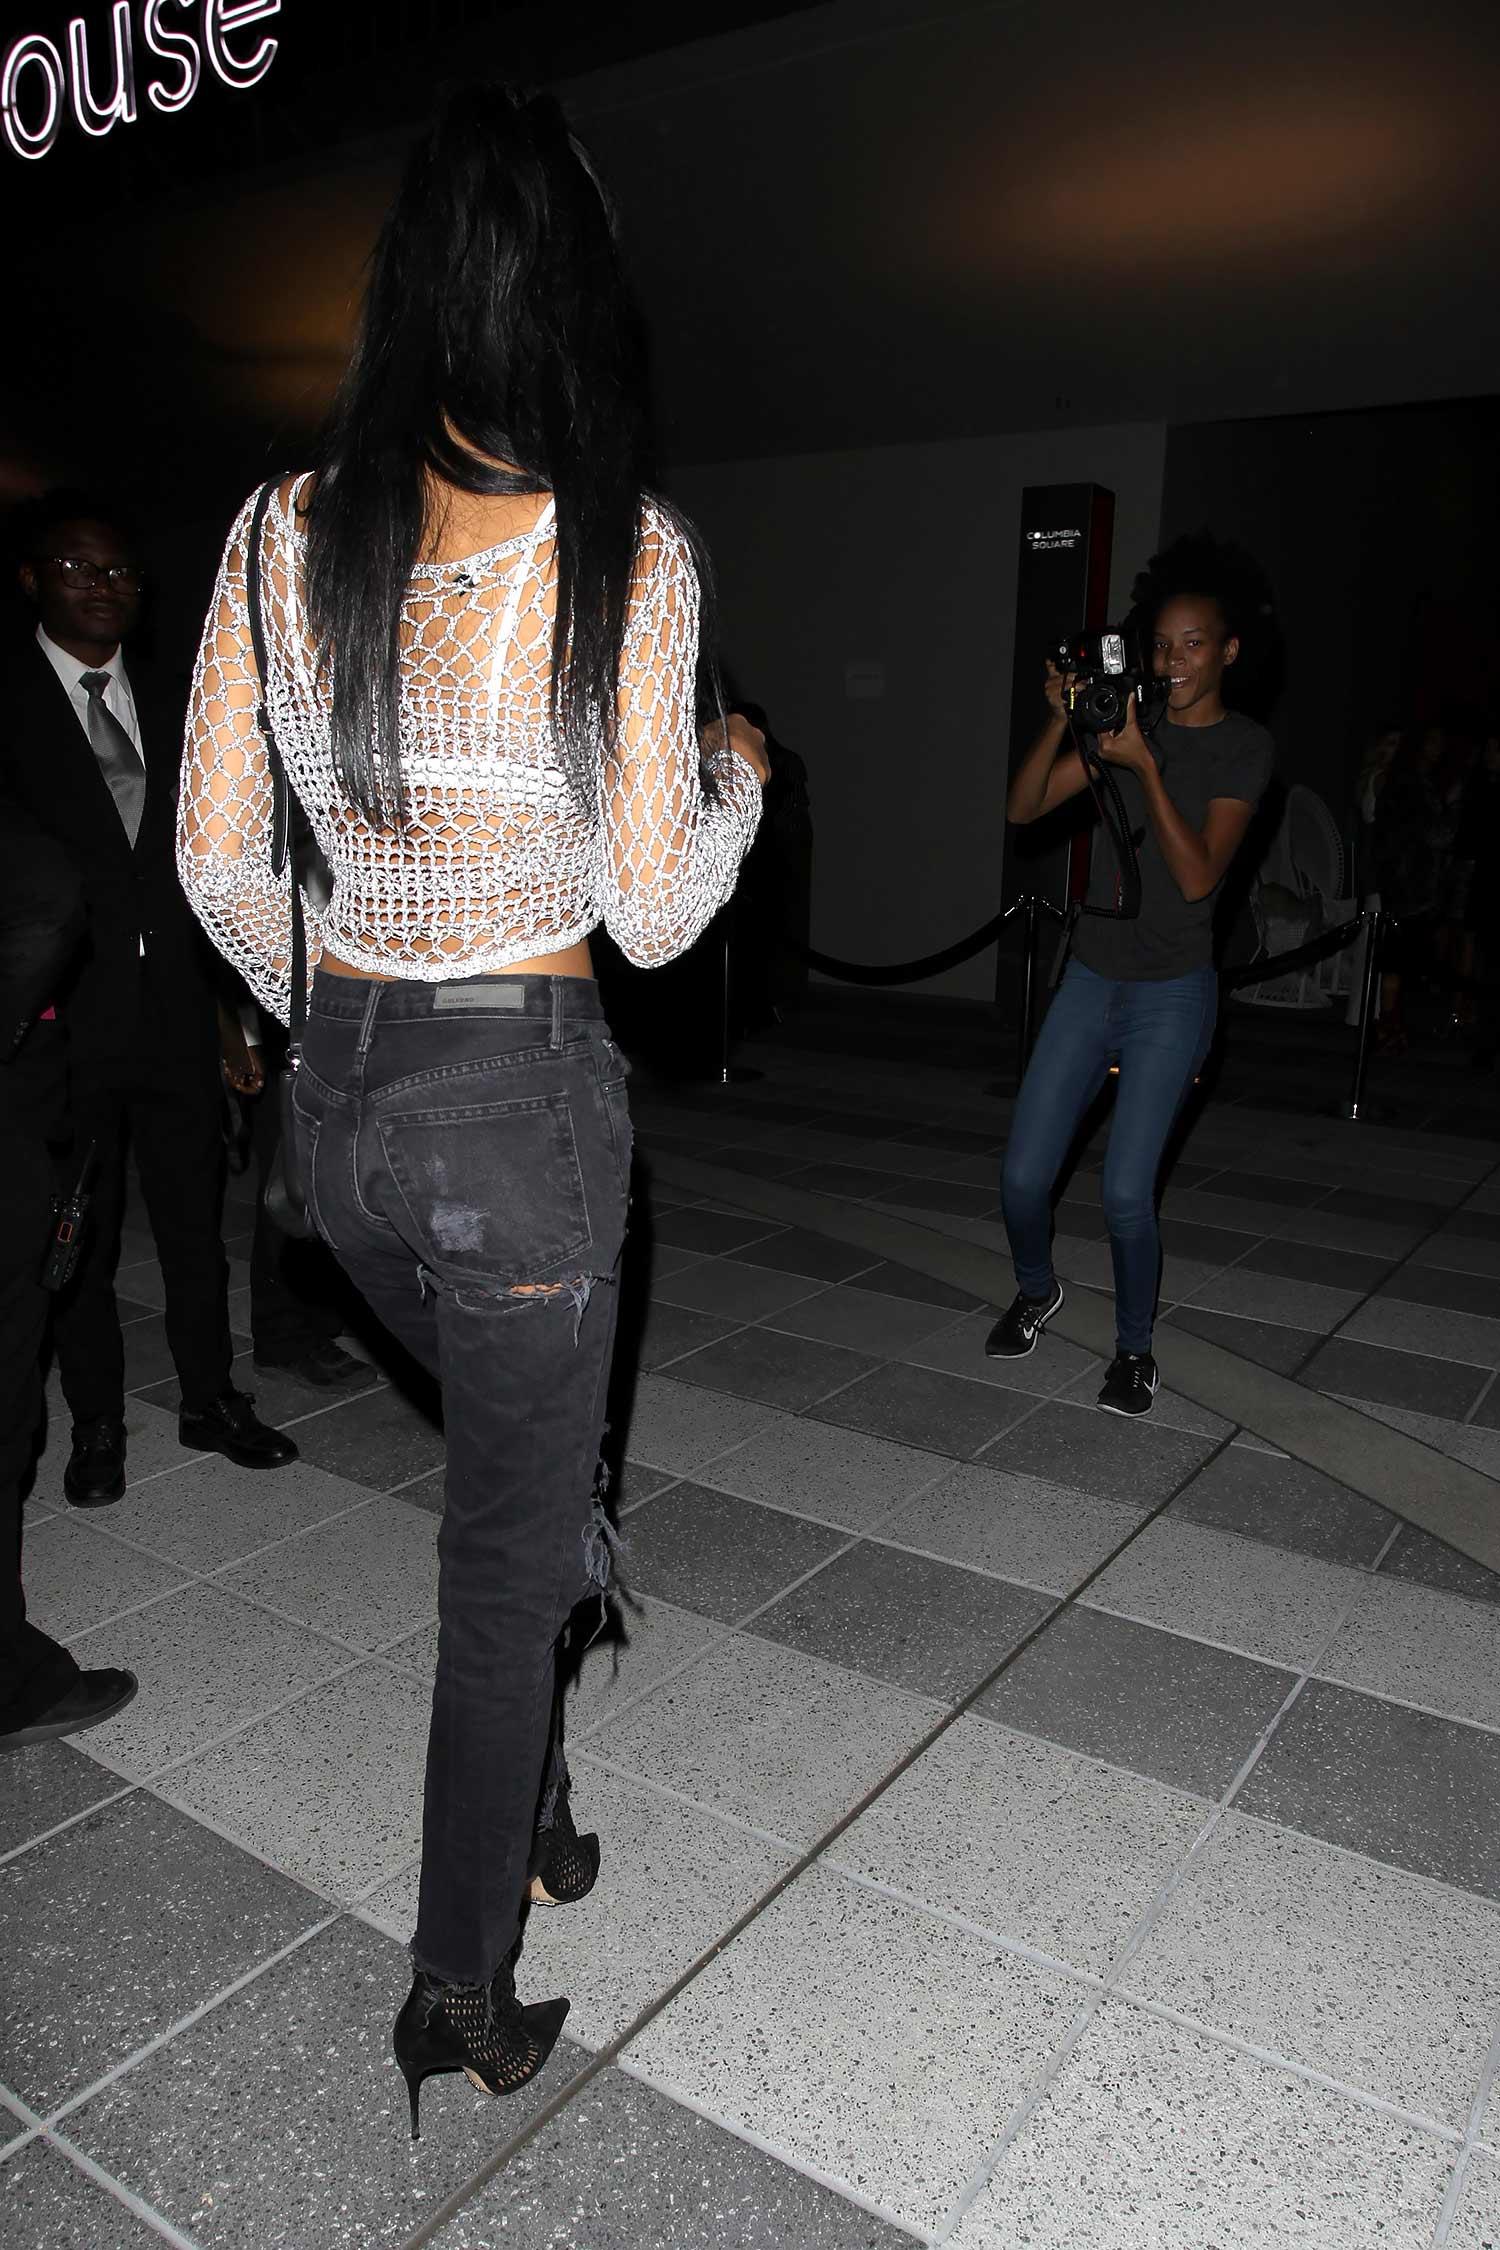 chanel-iman-grlfrnd-jeans